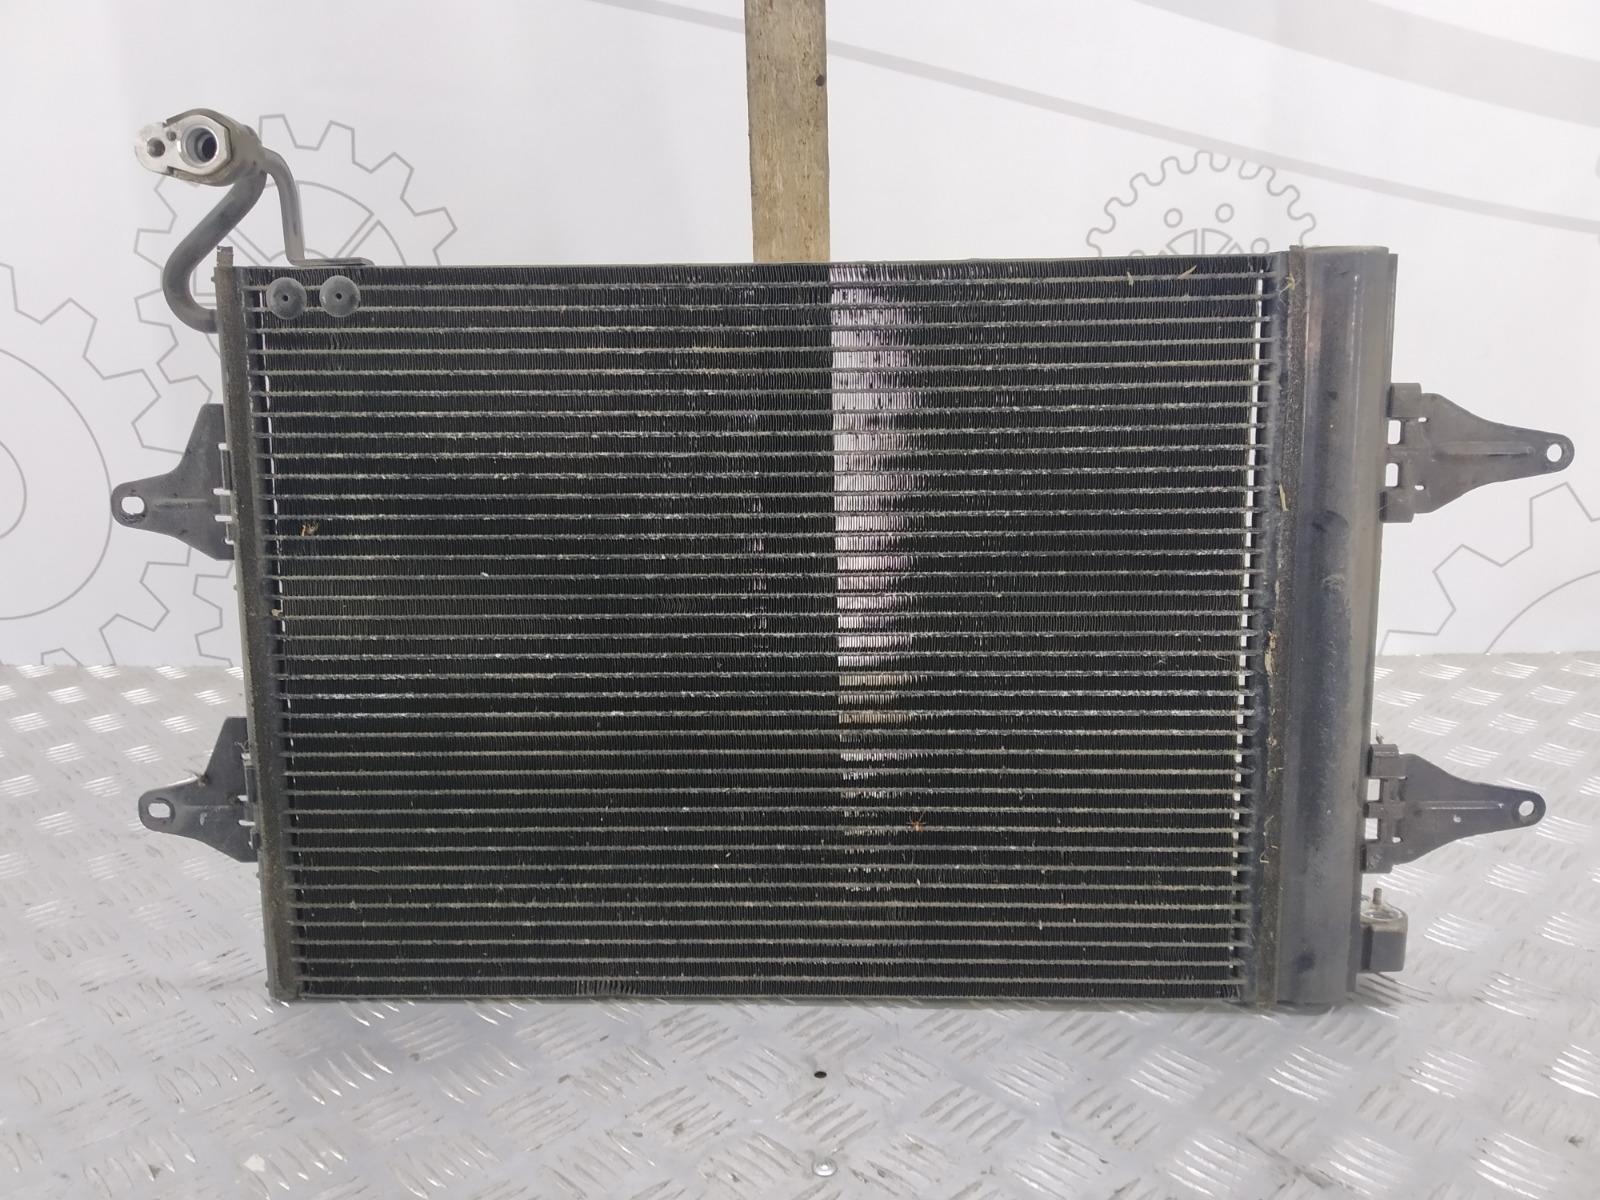 Радиатор кондиционера Volkswagen Polo 1.2 I 2002 (б/у)